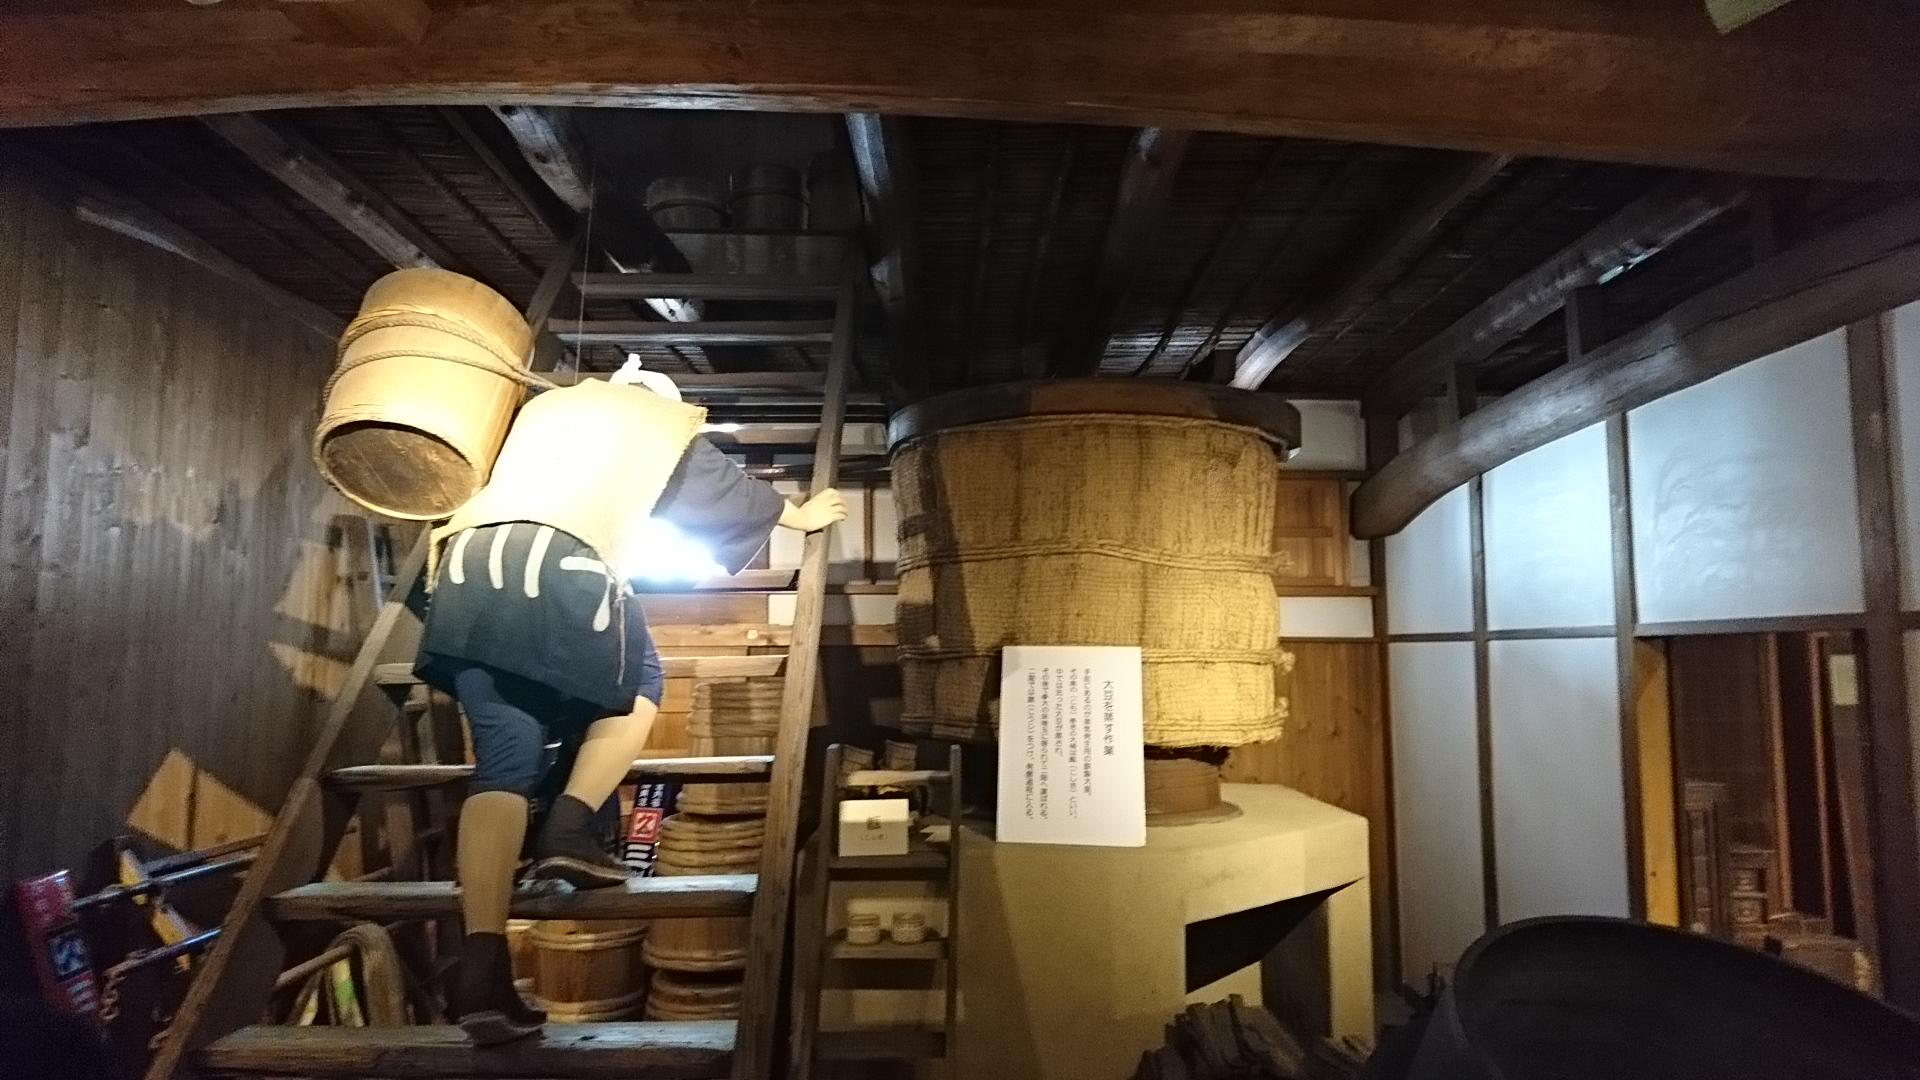 2018.3.25 カクキュー (9) 大豆をむす作業 1920-1080